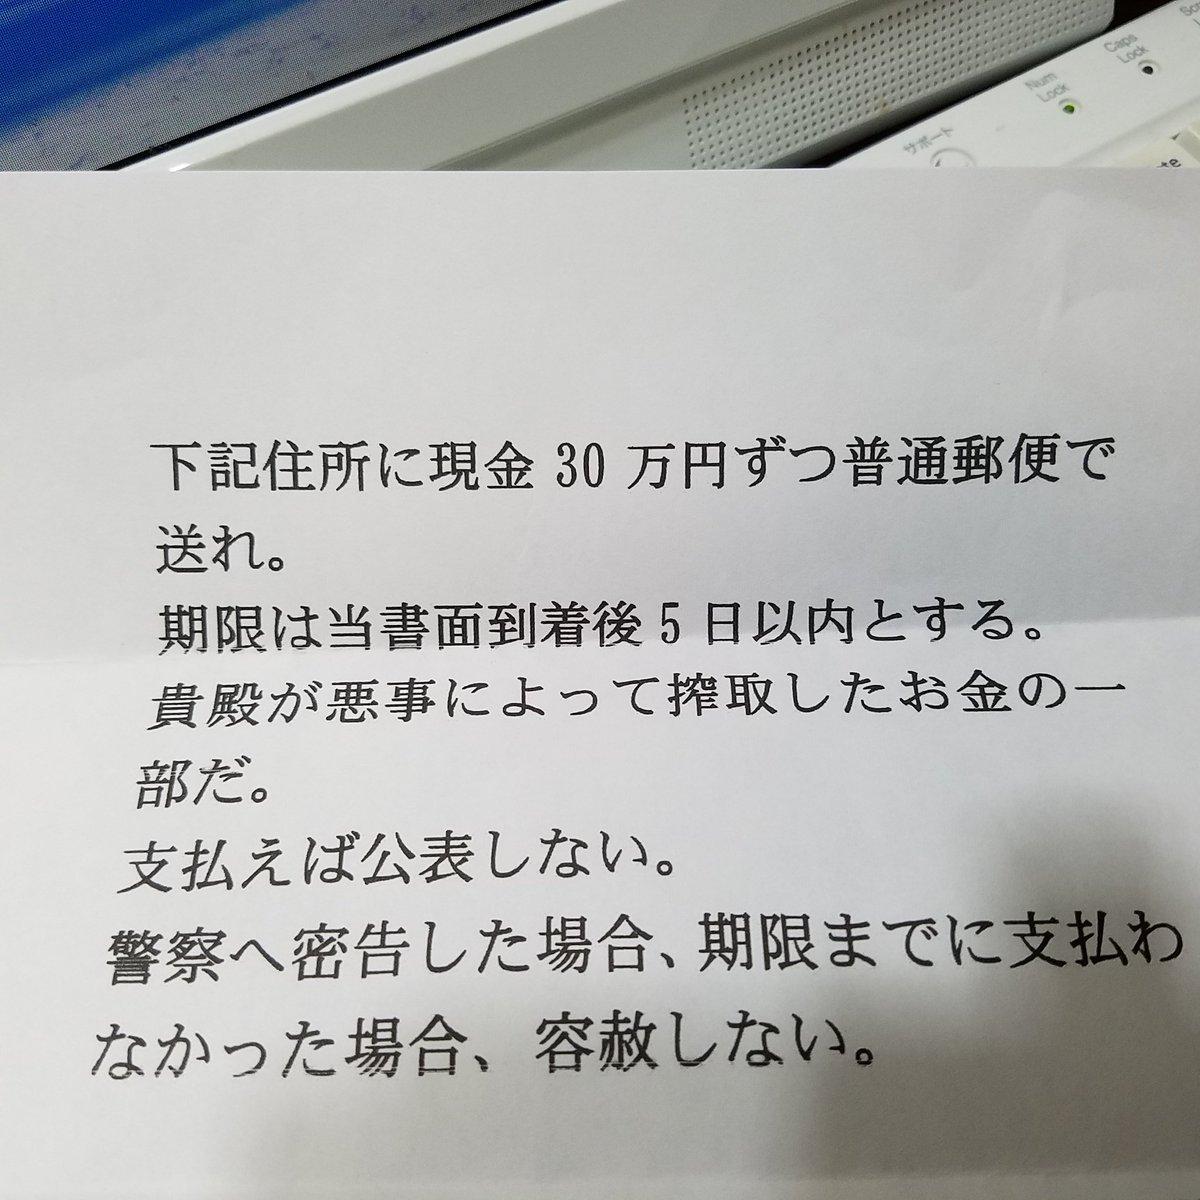 【エンタメ画像】《脅迫状がきた。なう》高須クリニック院長に脅迫状 Twitterで公開ってよ。。。。。。。